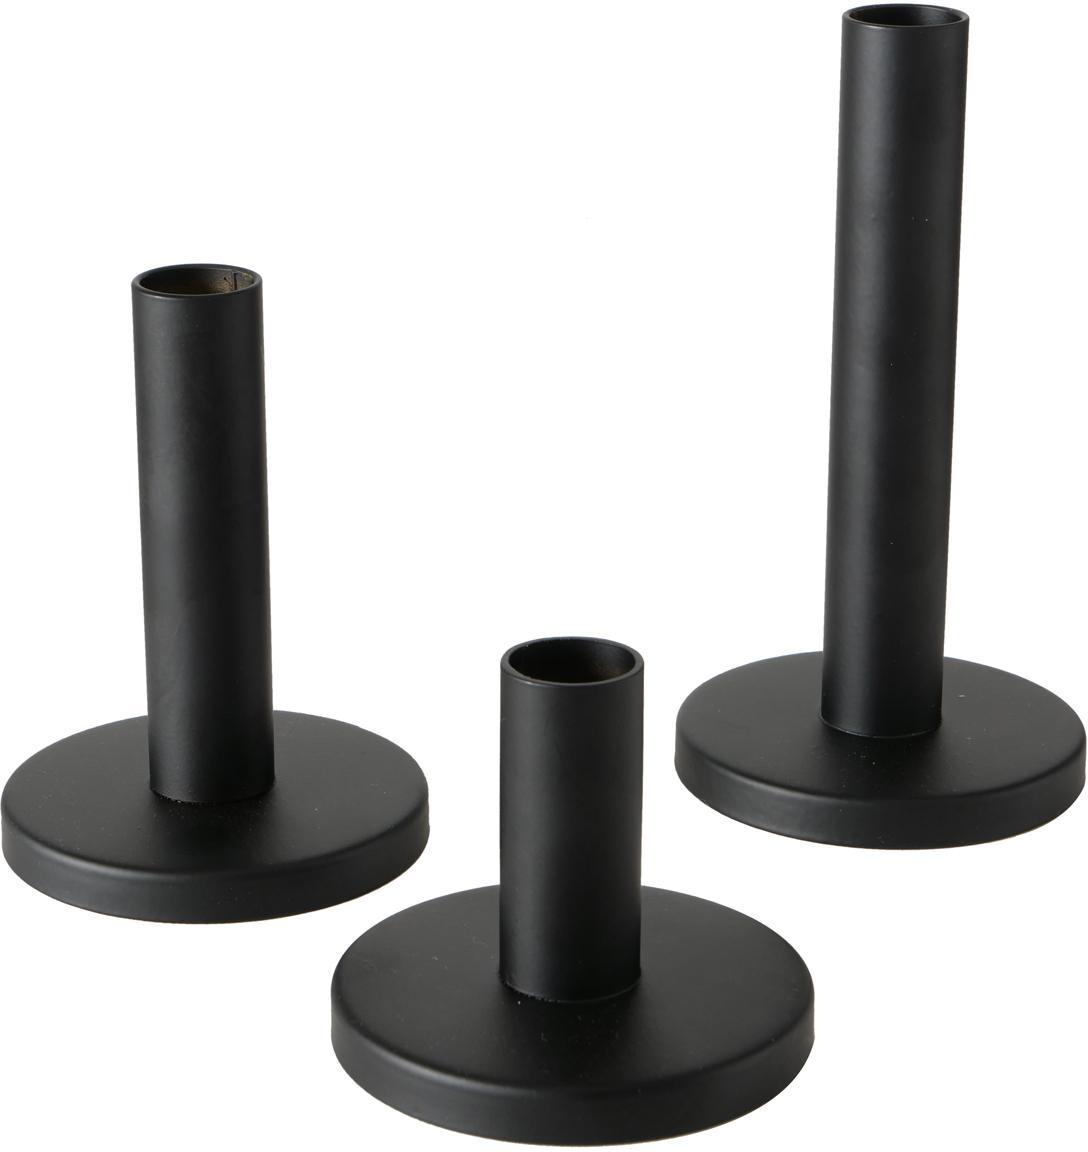 Set de candelabros Malko, 3pzas., Metal, recubierto, Negro, Set de diferentes tamaños